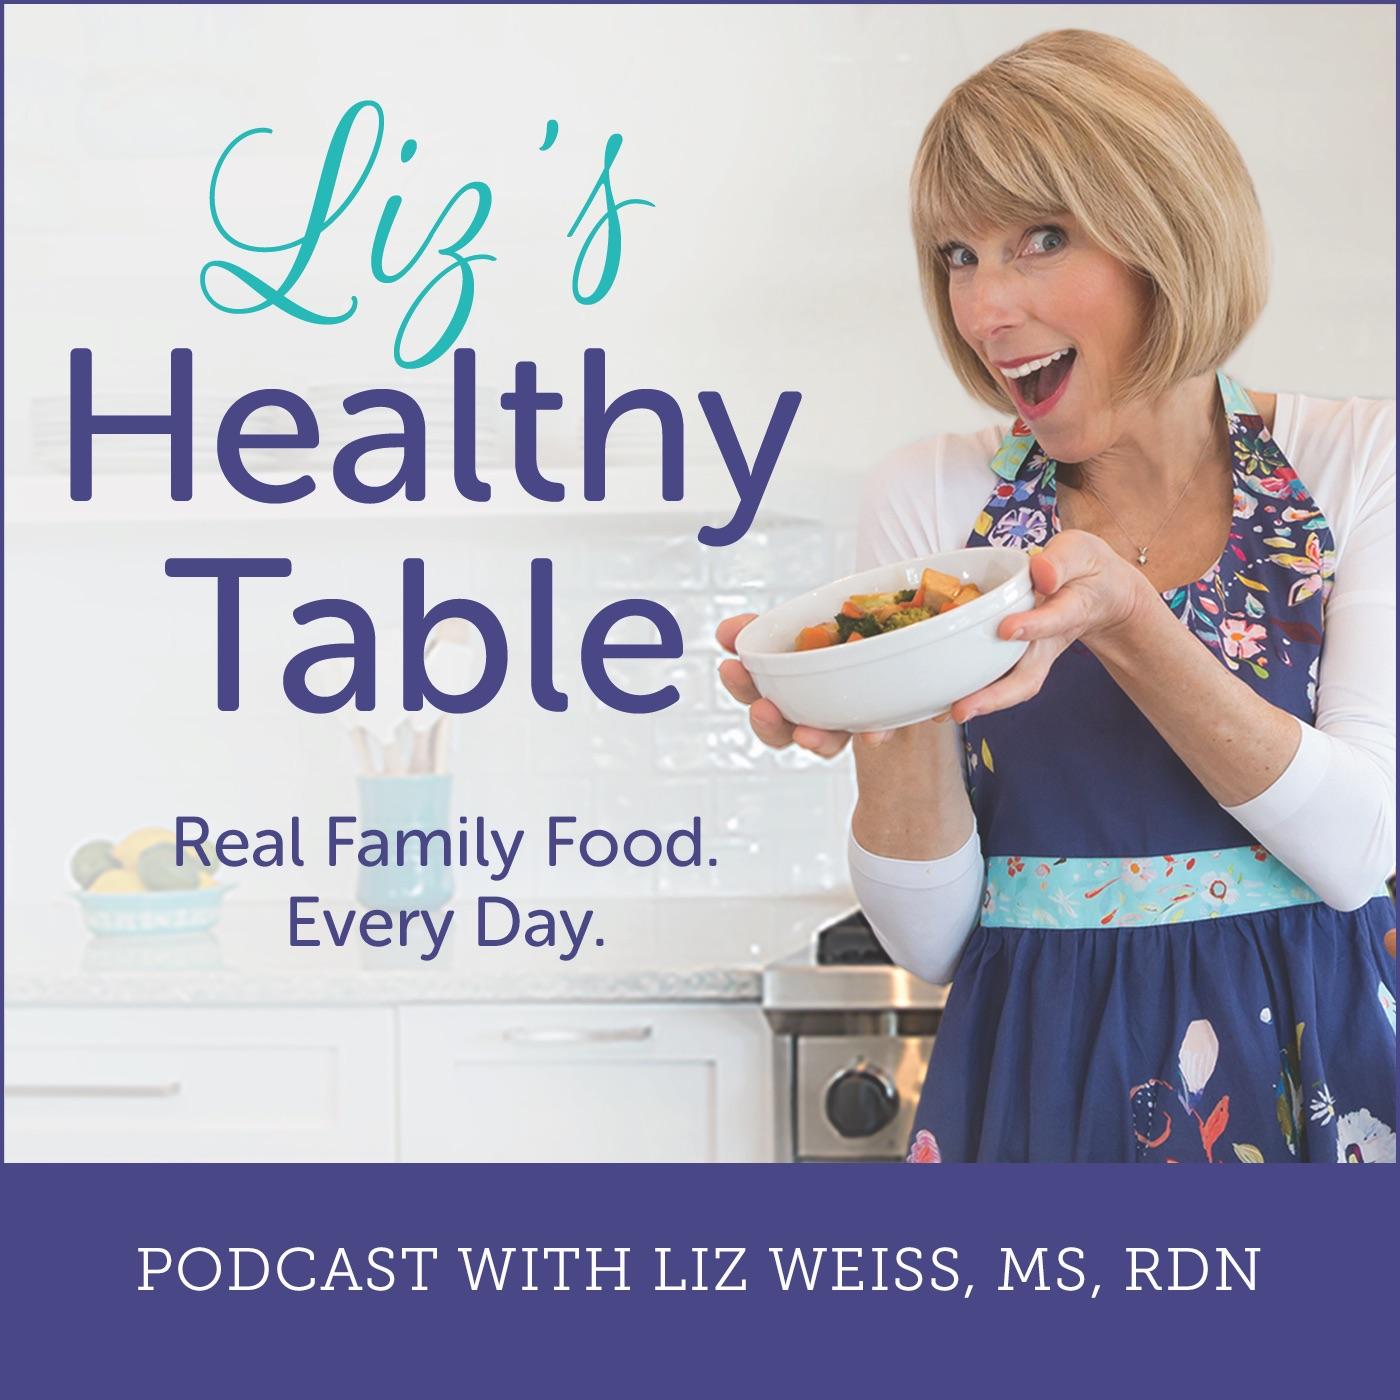 Liz's Healthy Table show art